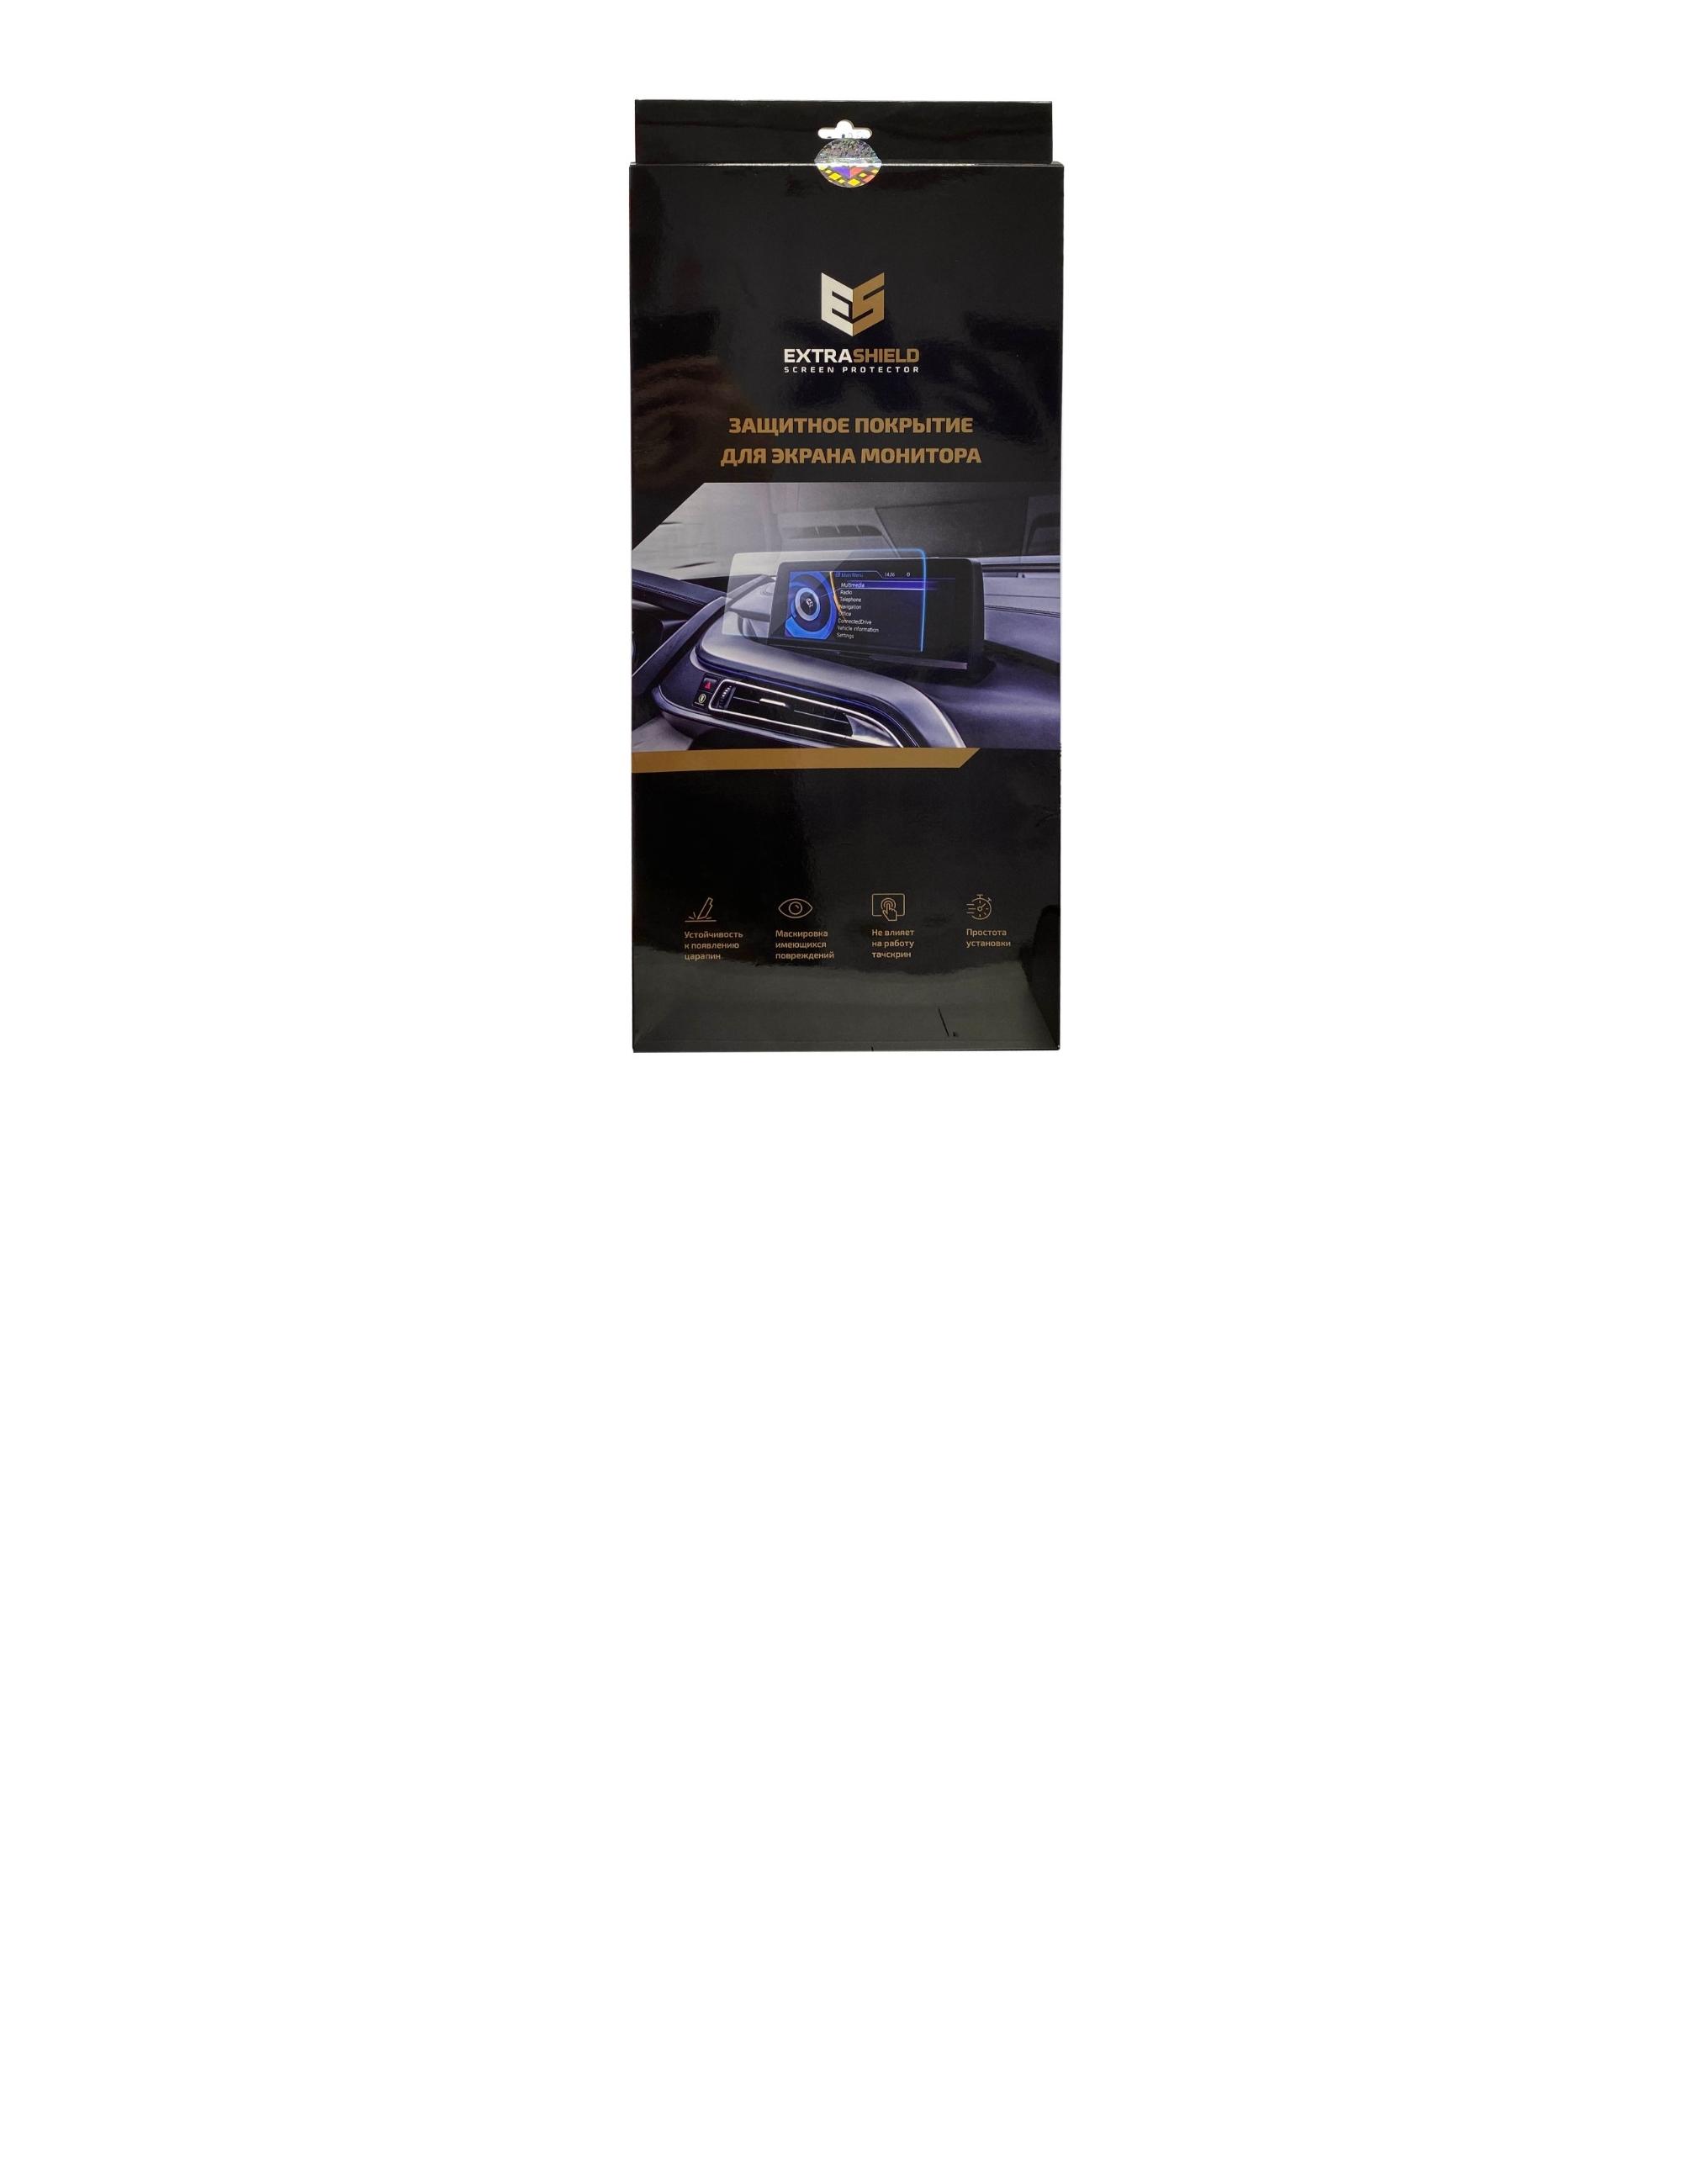 BMW X7 (G07) 2018 - н.в. приборная панель (без датчика) 12.3 Защитное стекло Матовая